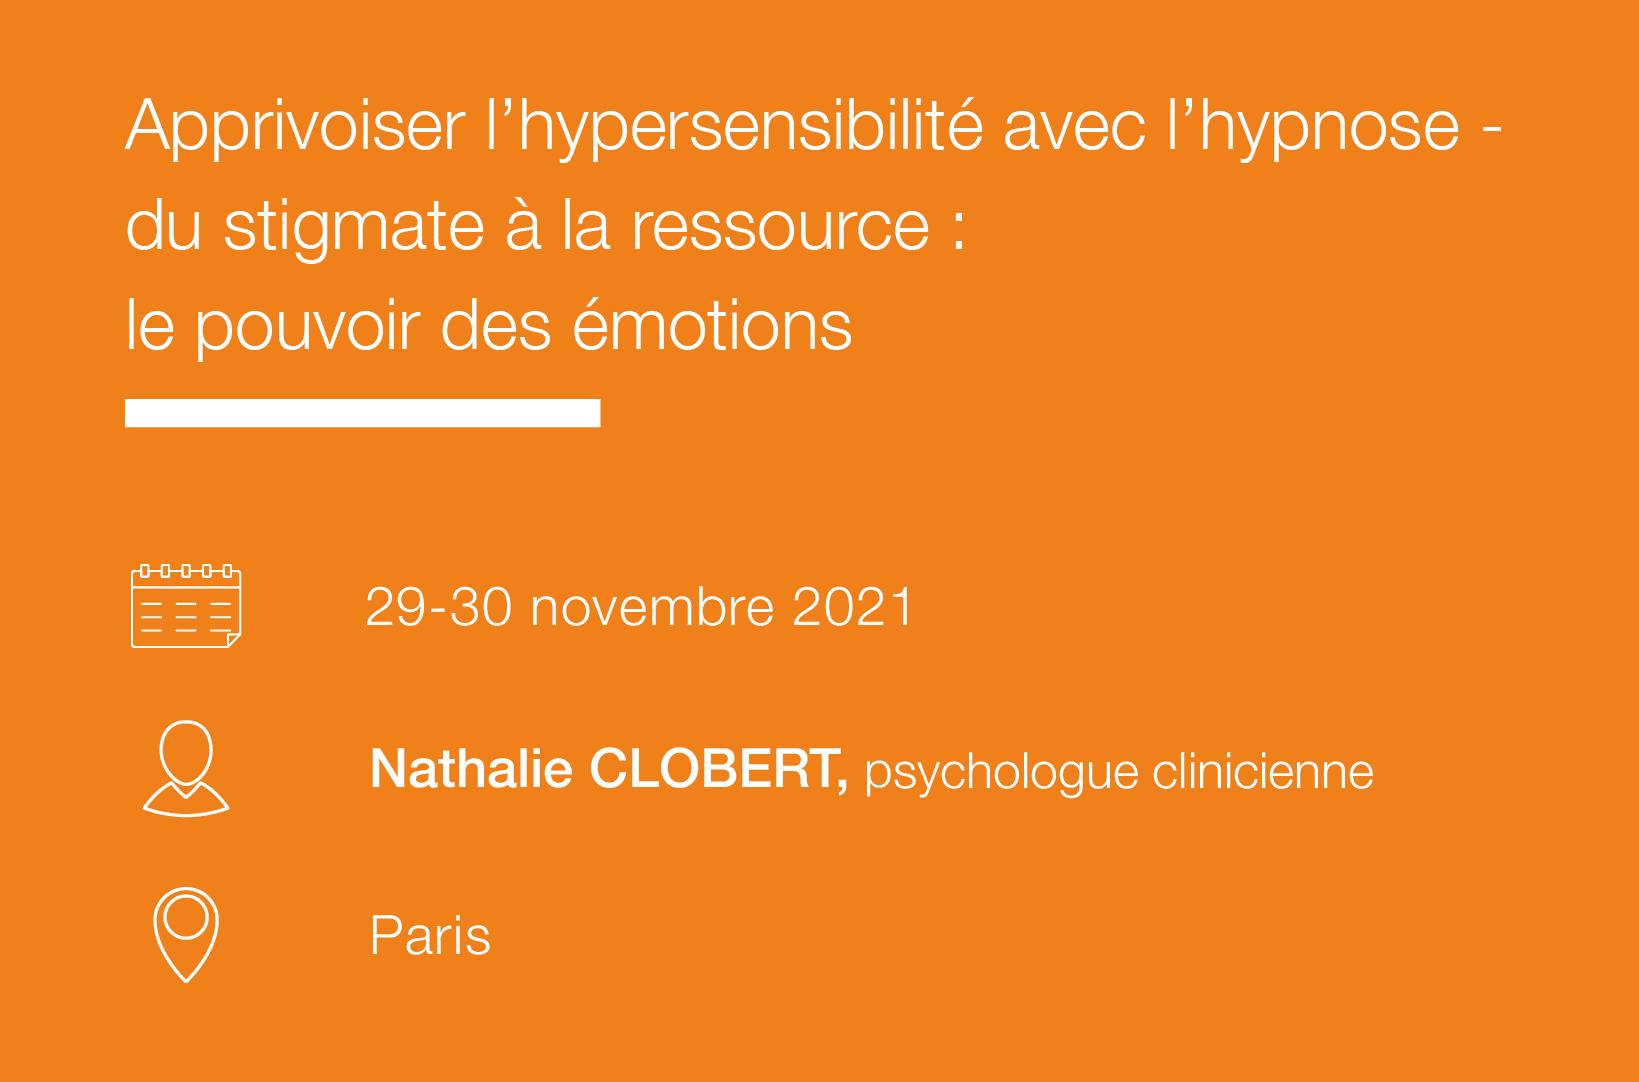 Seminaire Apprivoiser l hypersensibilite avec l hypnose - du stigmate a la ressource - le pouvoir des emotions IFH